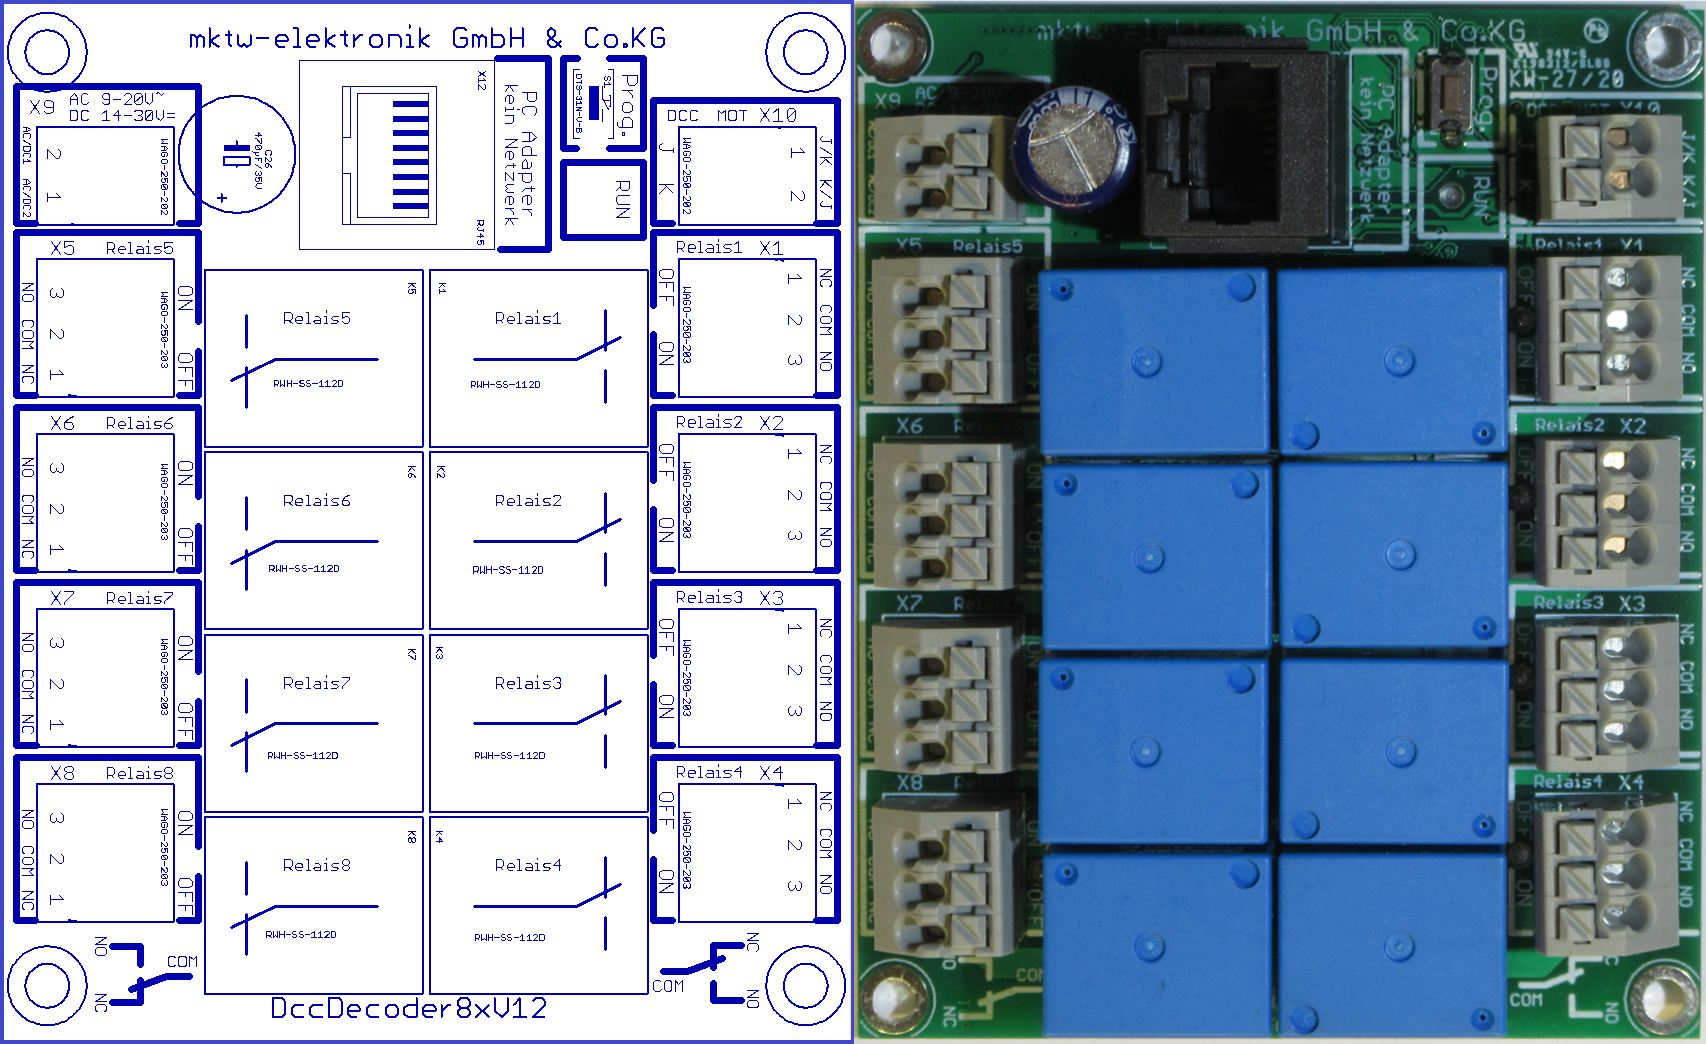 MultiRelais8x – Schaltdecoder